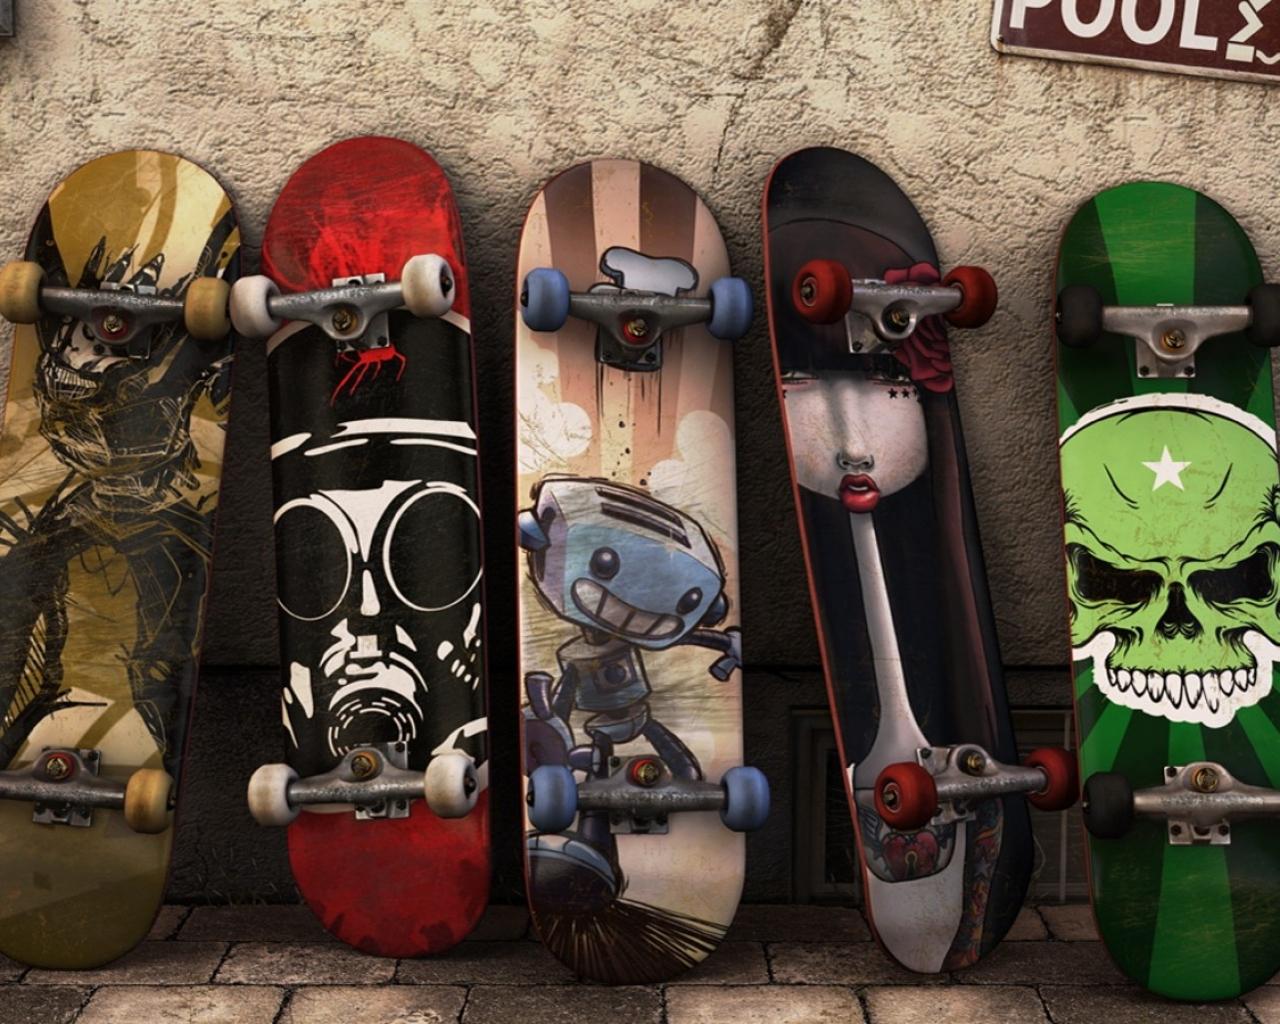 Modelos de tablas de skate - 1280x1024